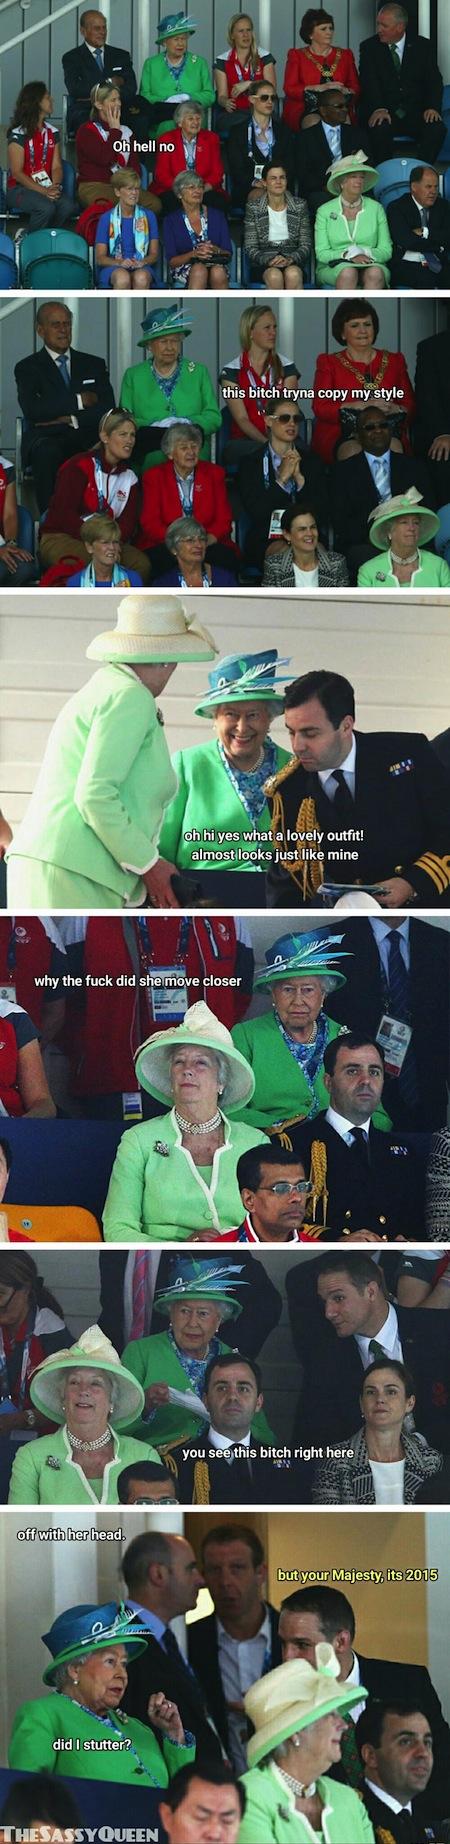 queen elizabeth ii sassy queen, queen elizabeth memes